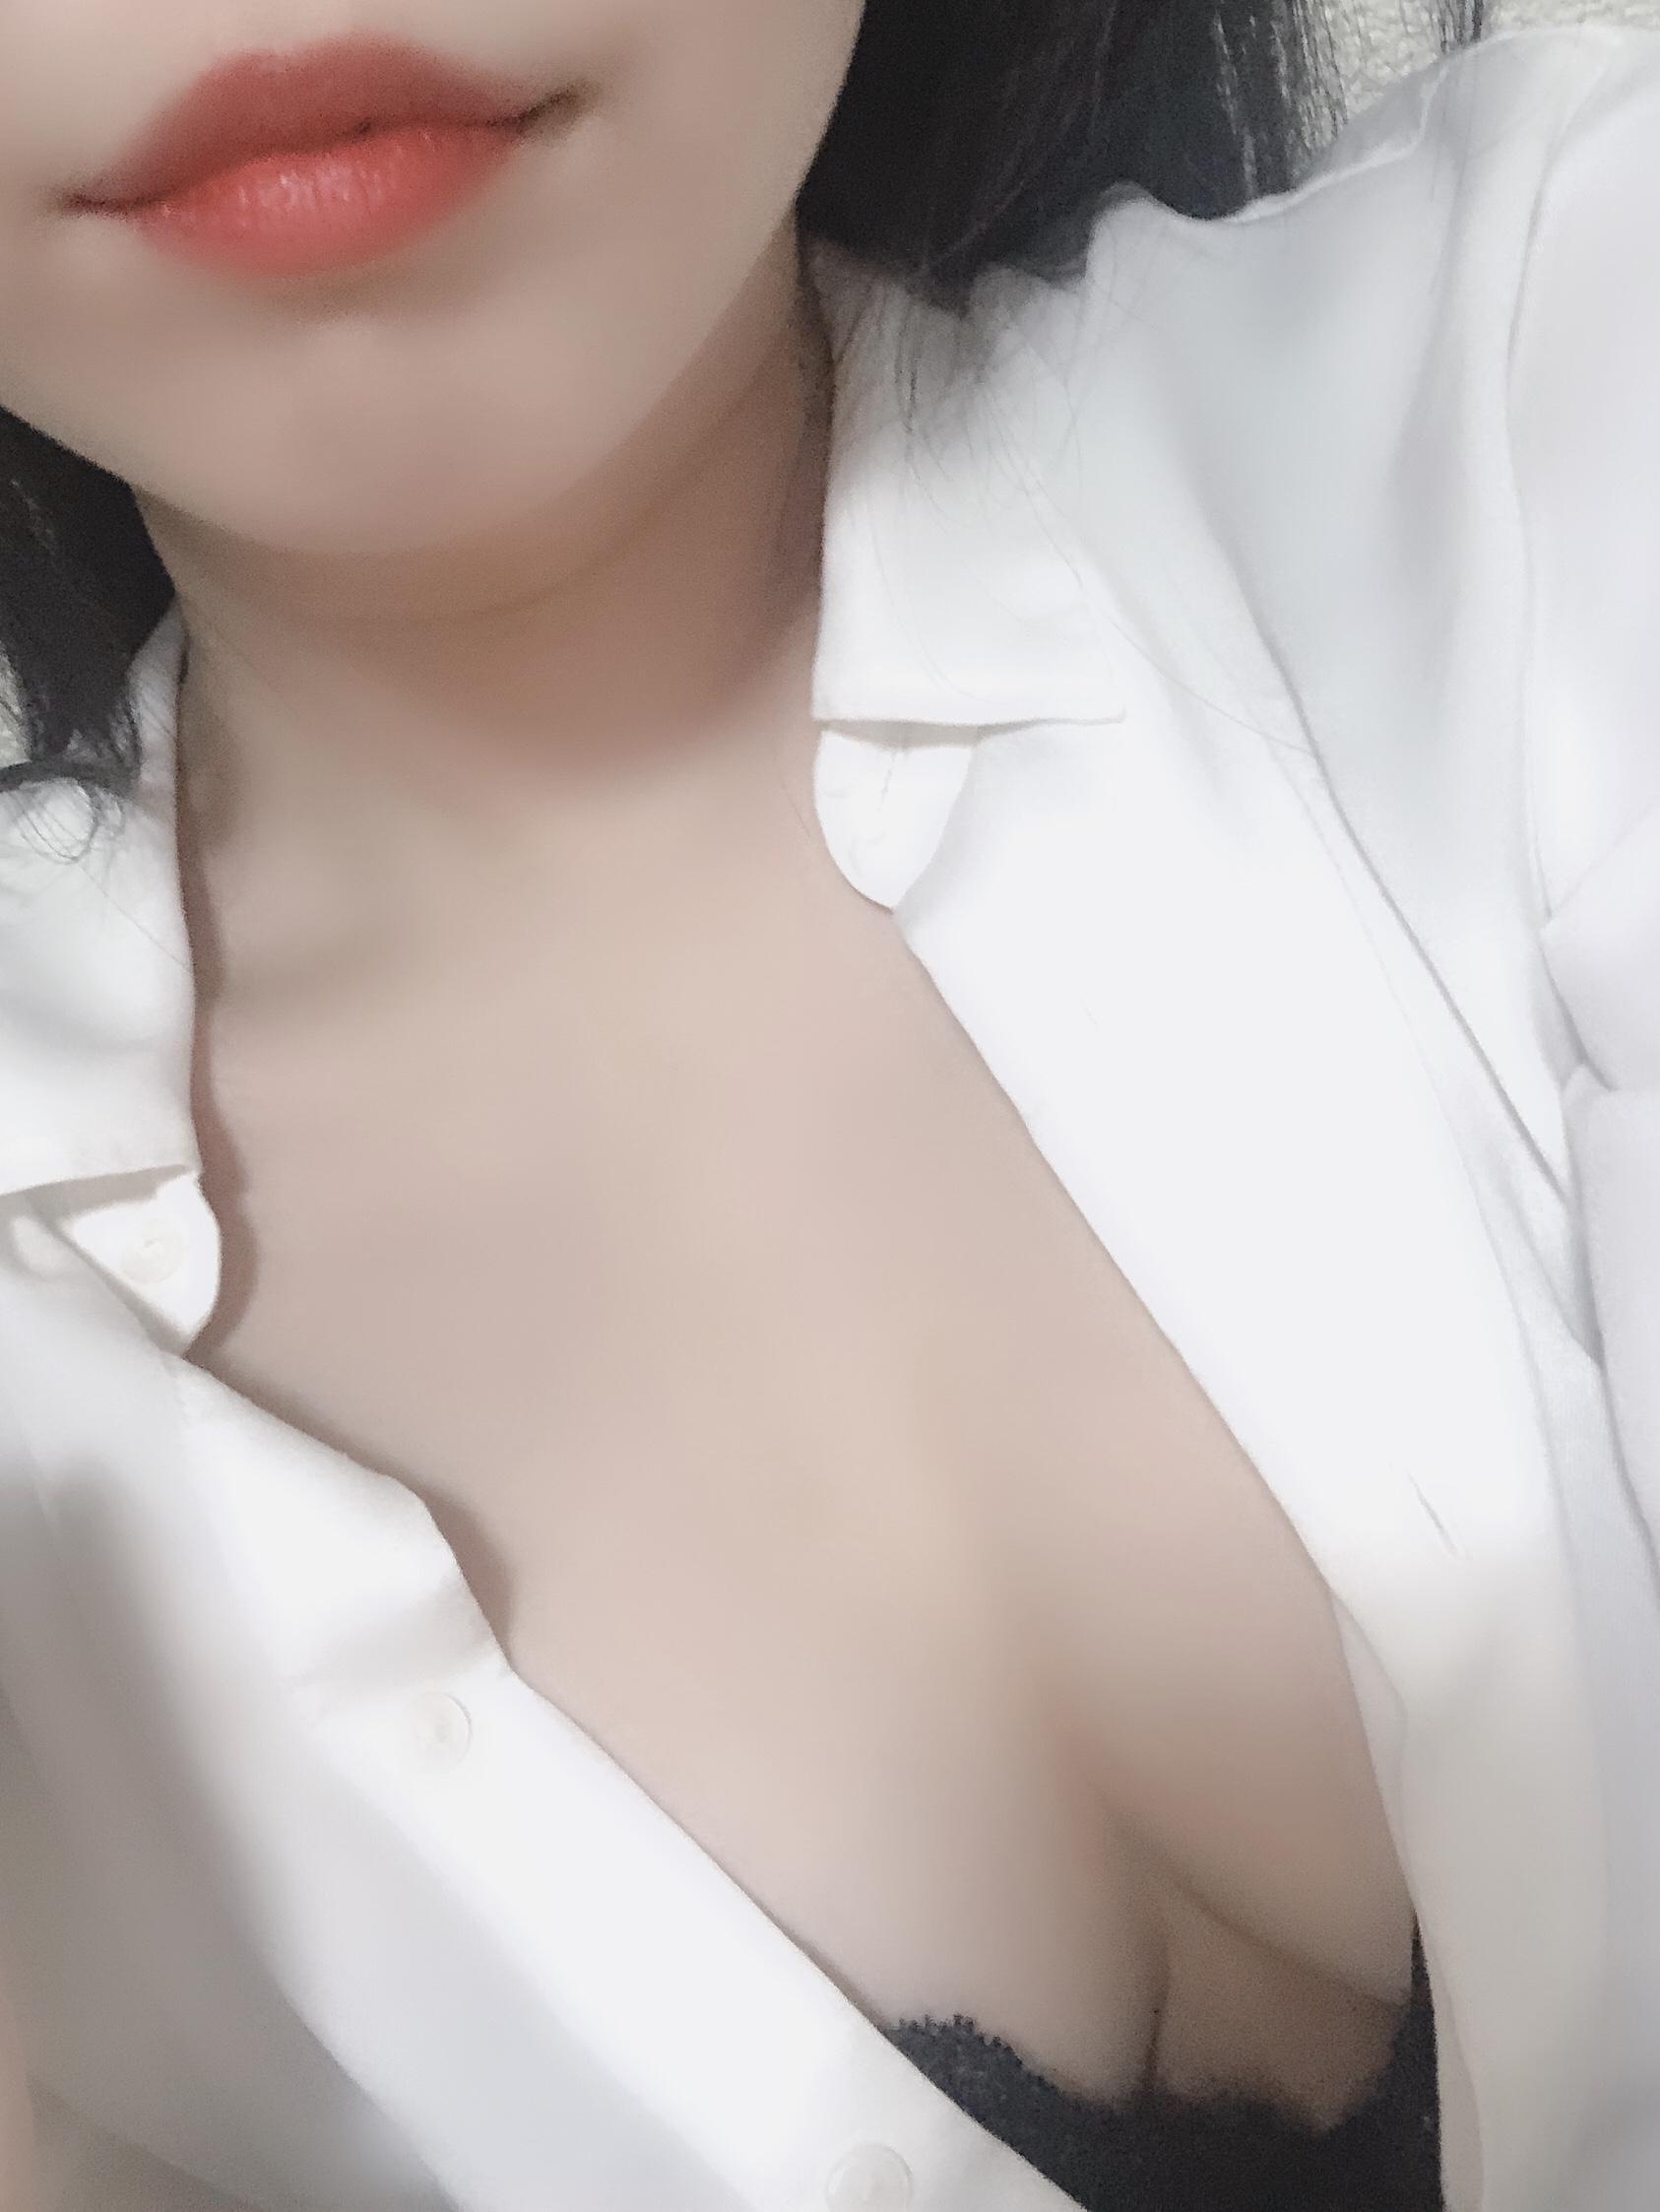 「❤︎17日130分のお客様❤︎」06/17(月) 23:51 | あやちゃんの写メ・風俗動画